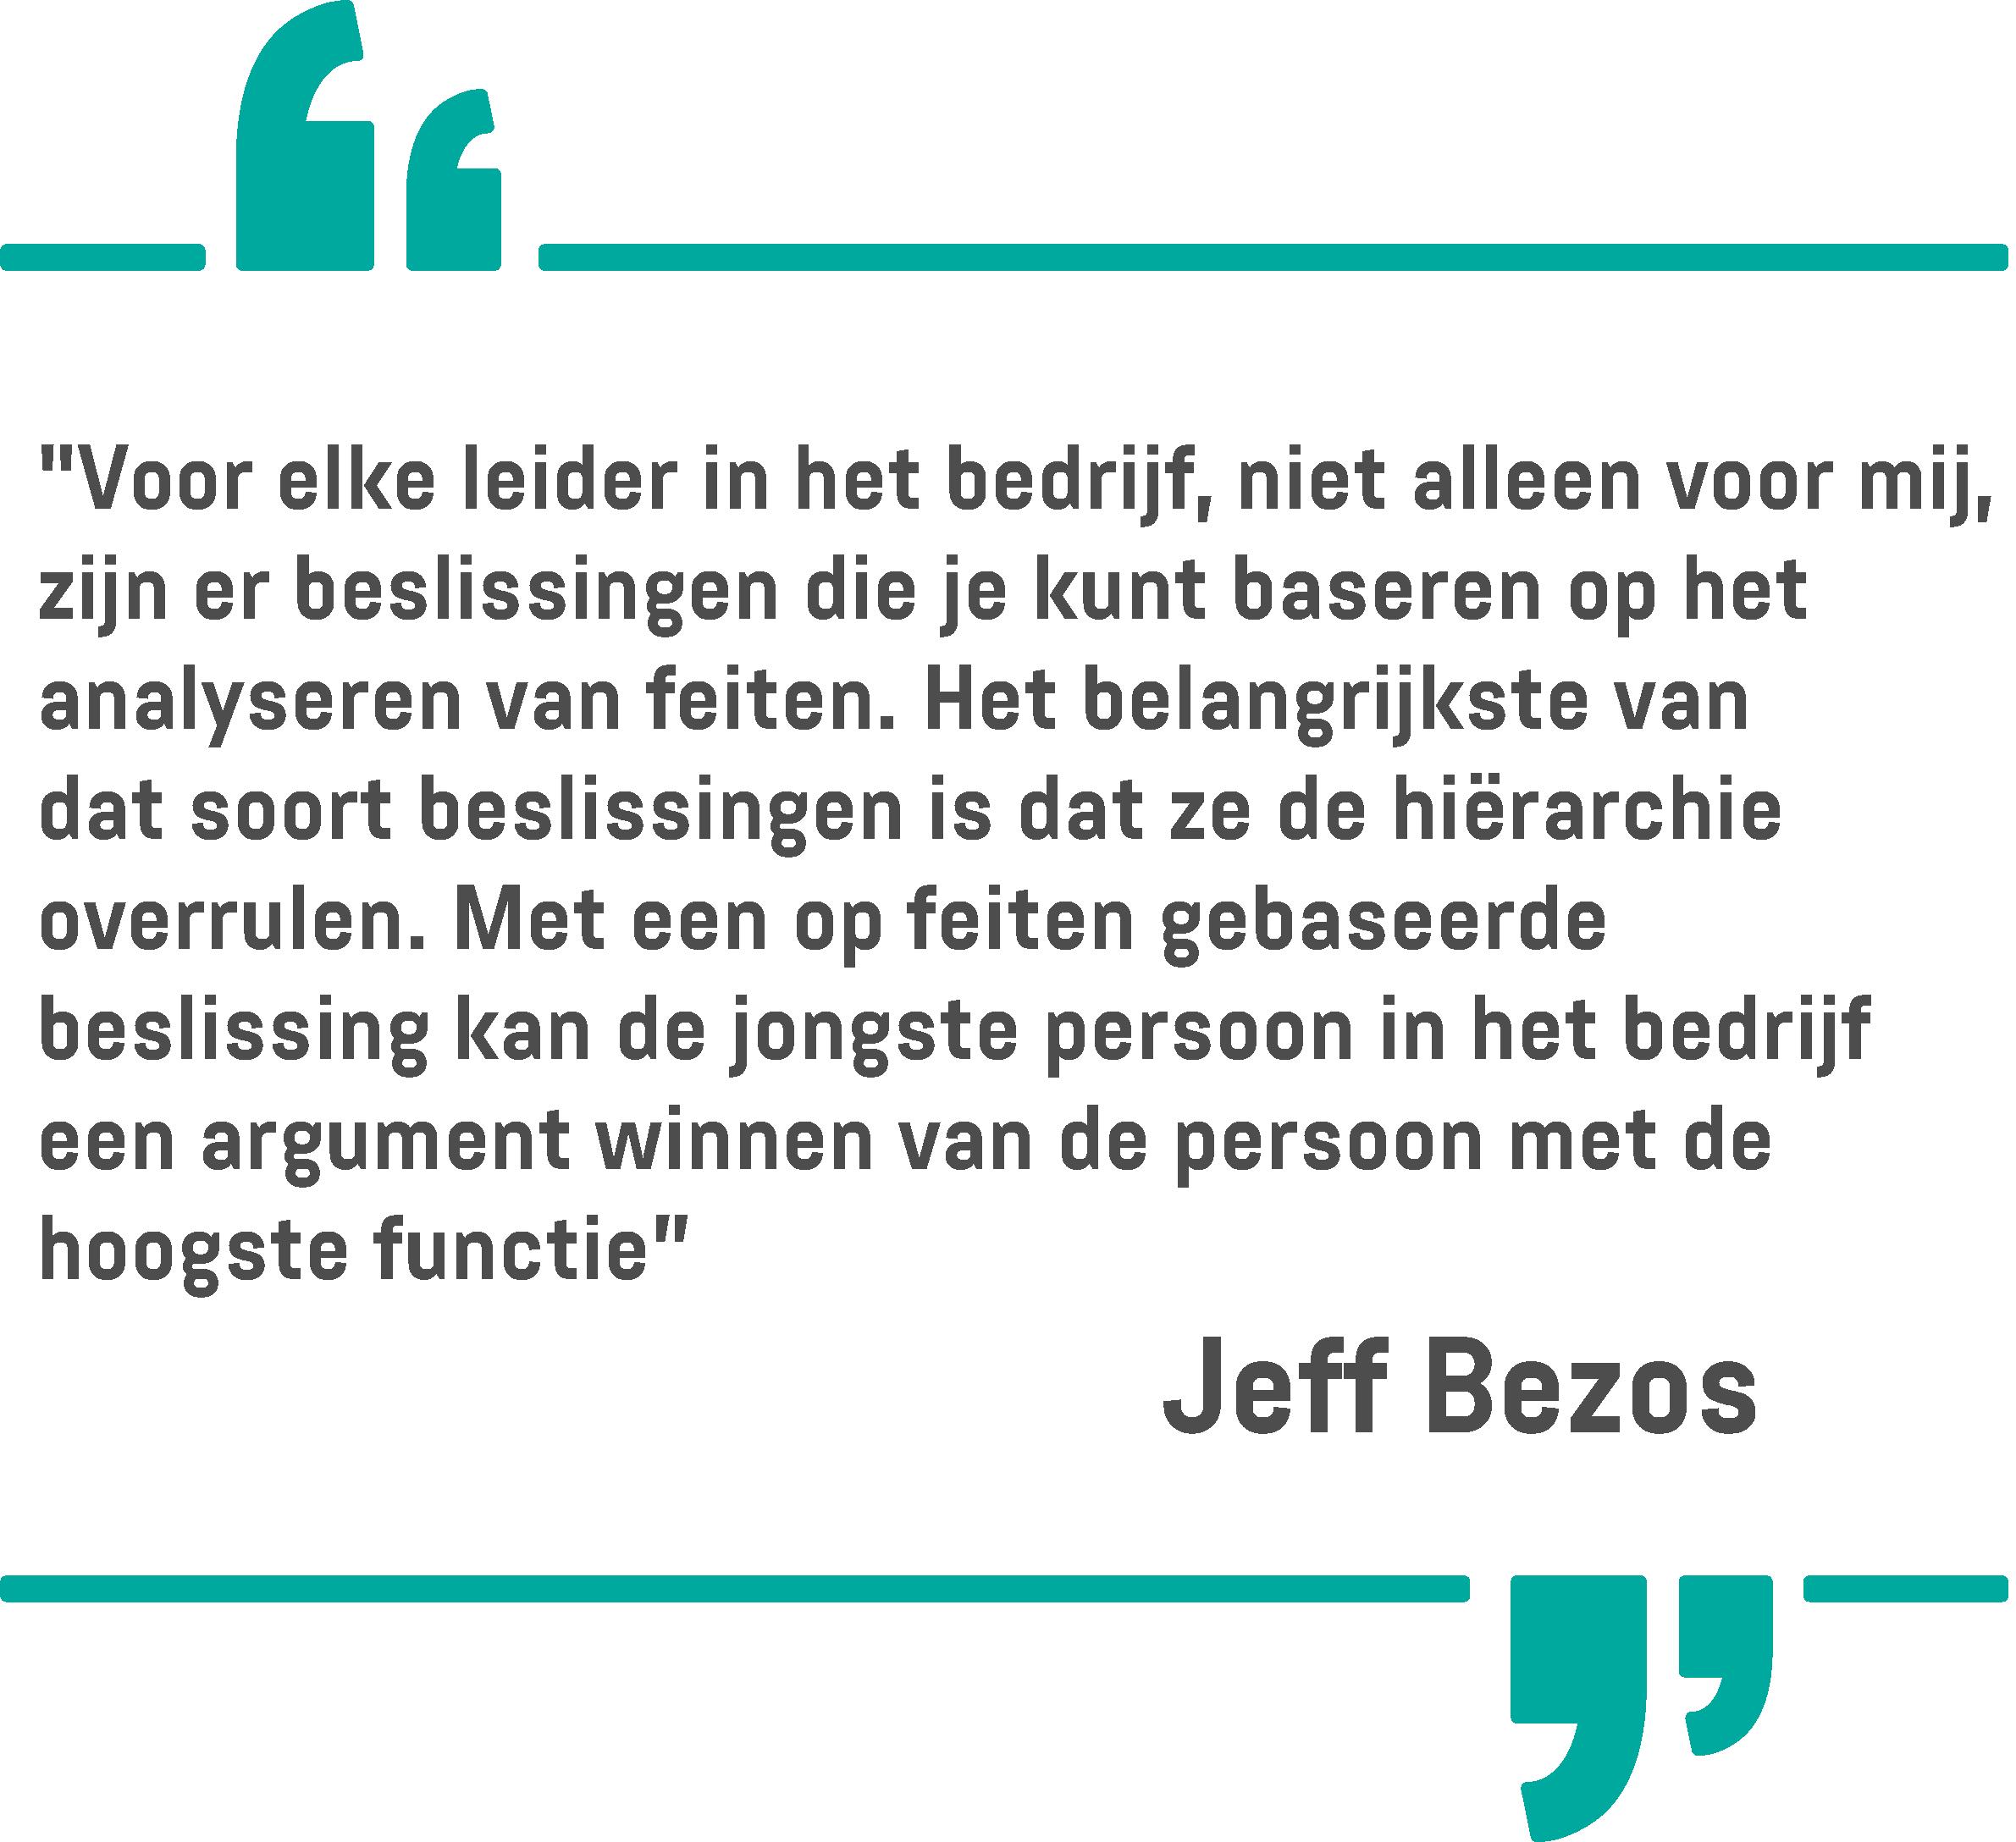 Een citaat van Jeff Bezos op een witte achtergrond